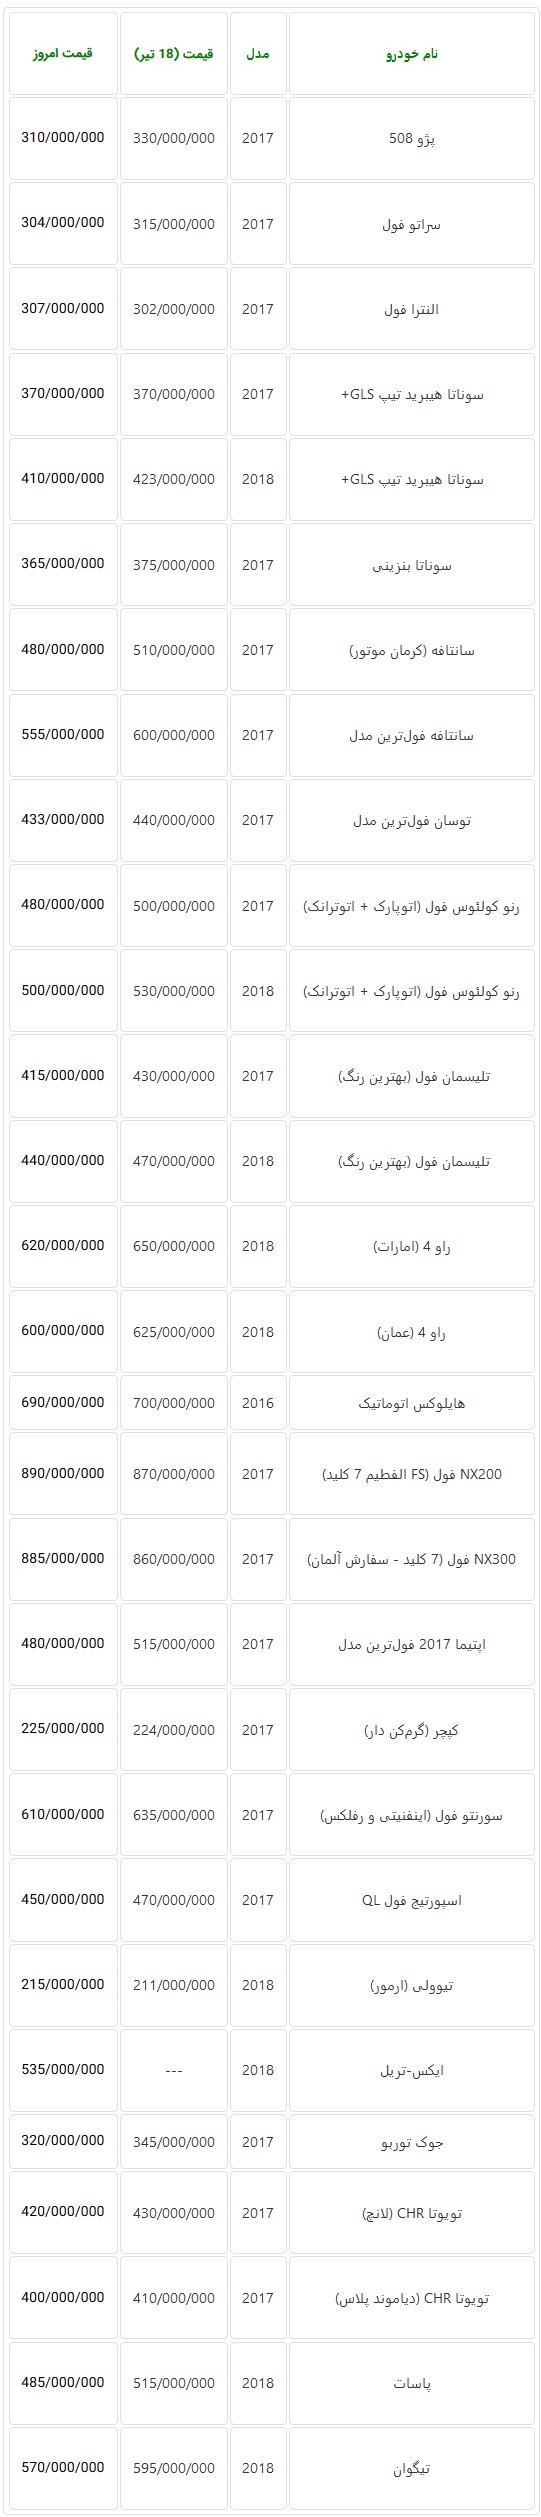 جدول نرخ جدید خودروهای وارداتی در بازار تهران امروز سه شنبه